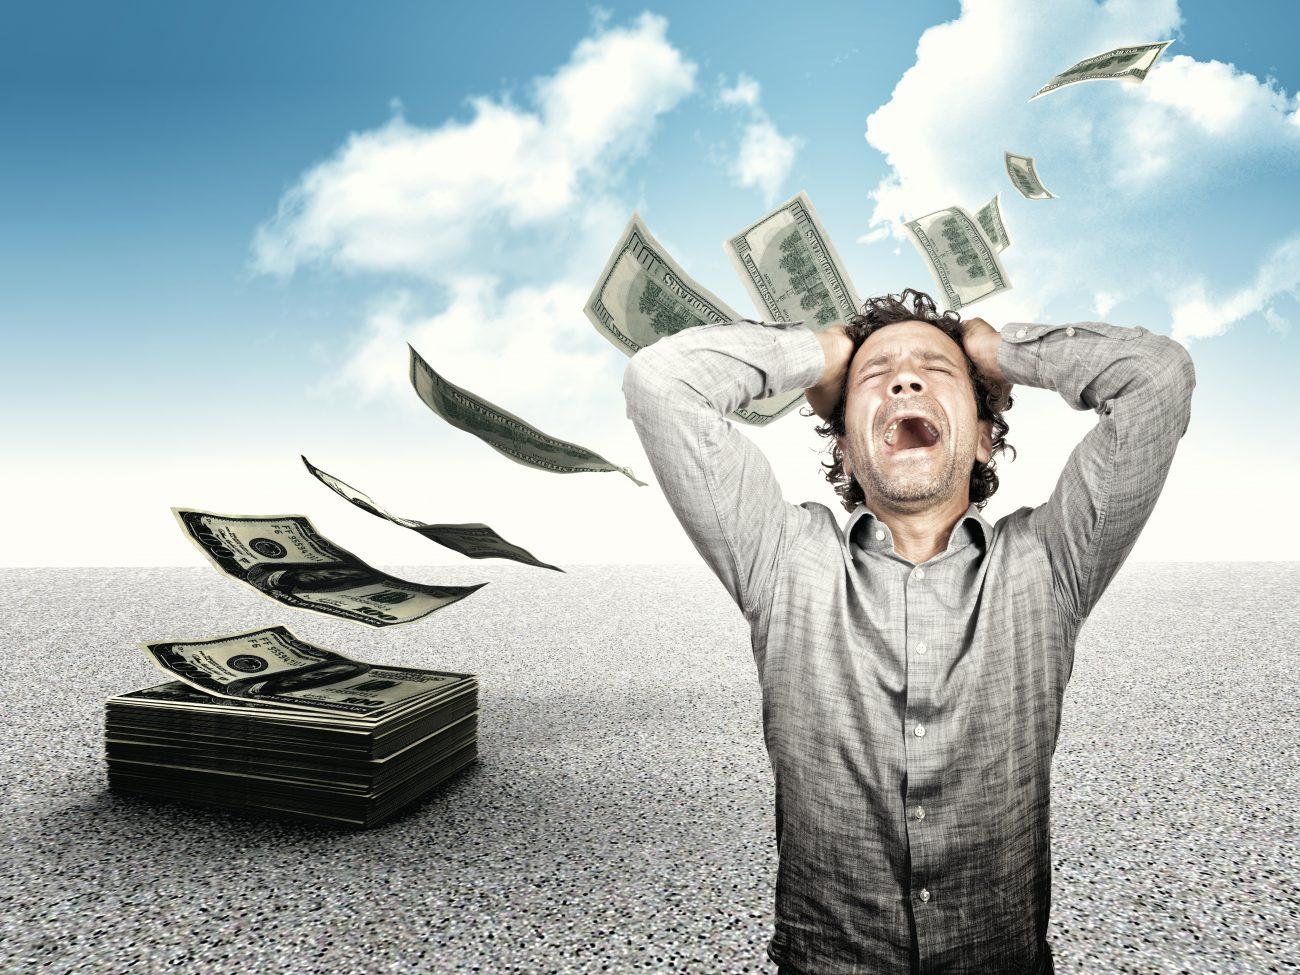 AdobeStock 67820846 - Из-за американских санкций российские миллиардеры обеднели более чем на 3 миллиарда долларов